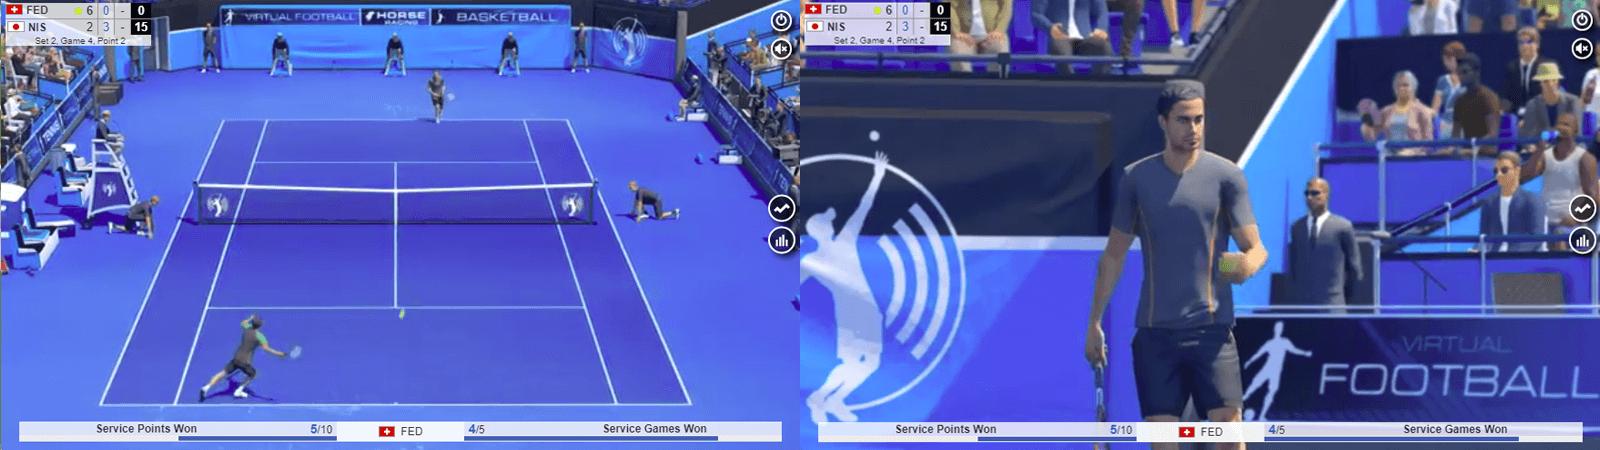 バーチャルスポーツのテニス